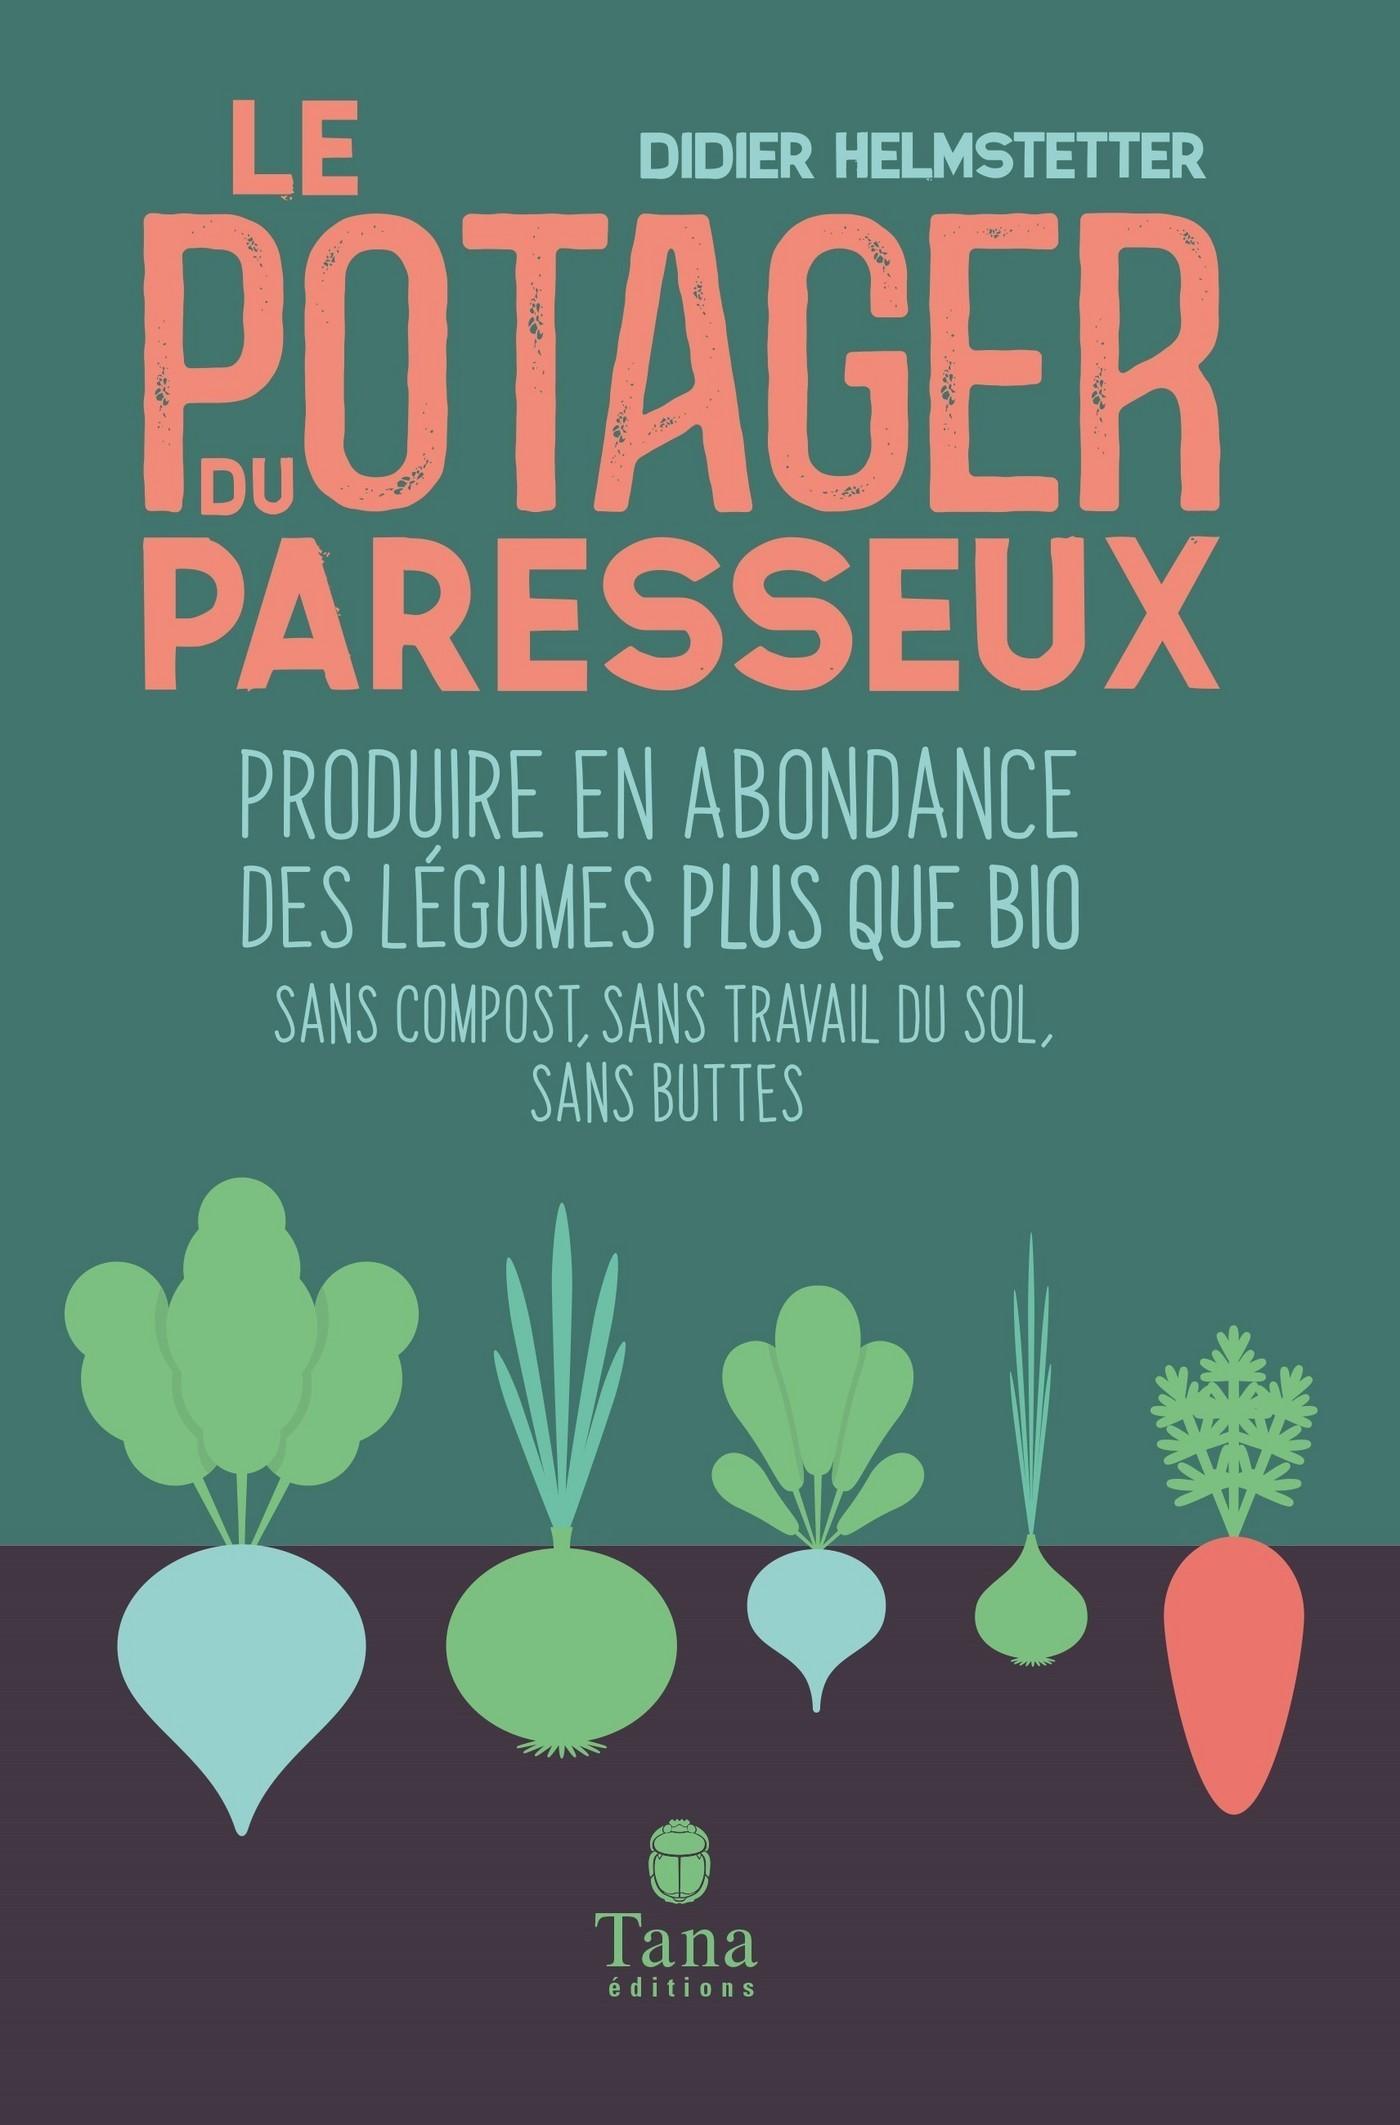 Le potager du paresseux - Livre - France Loisirs